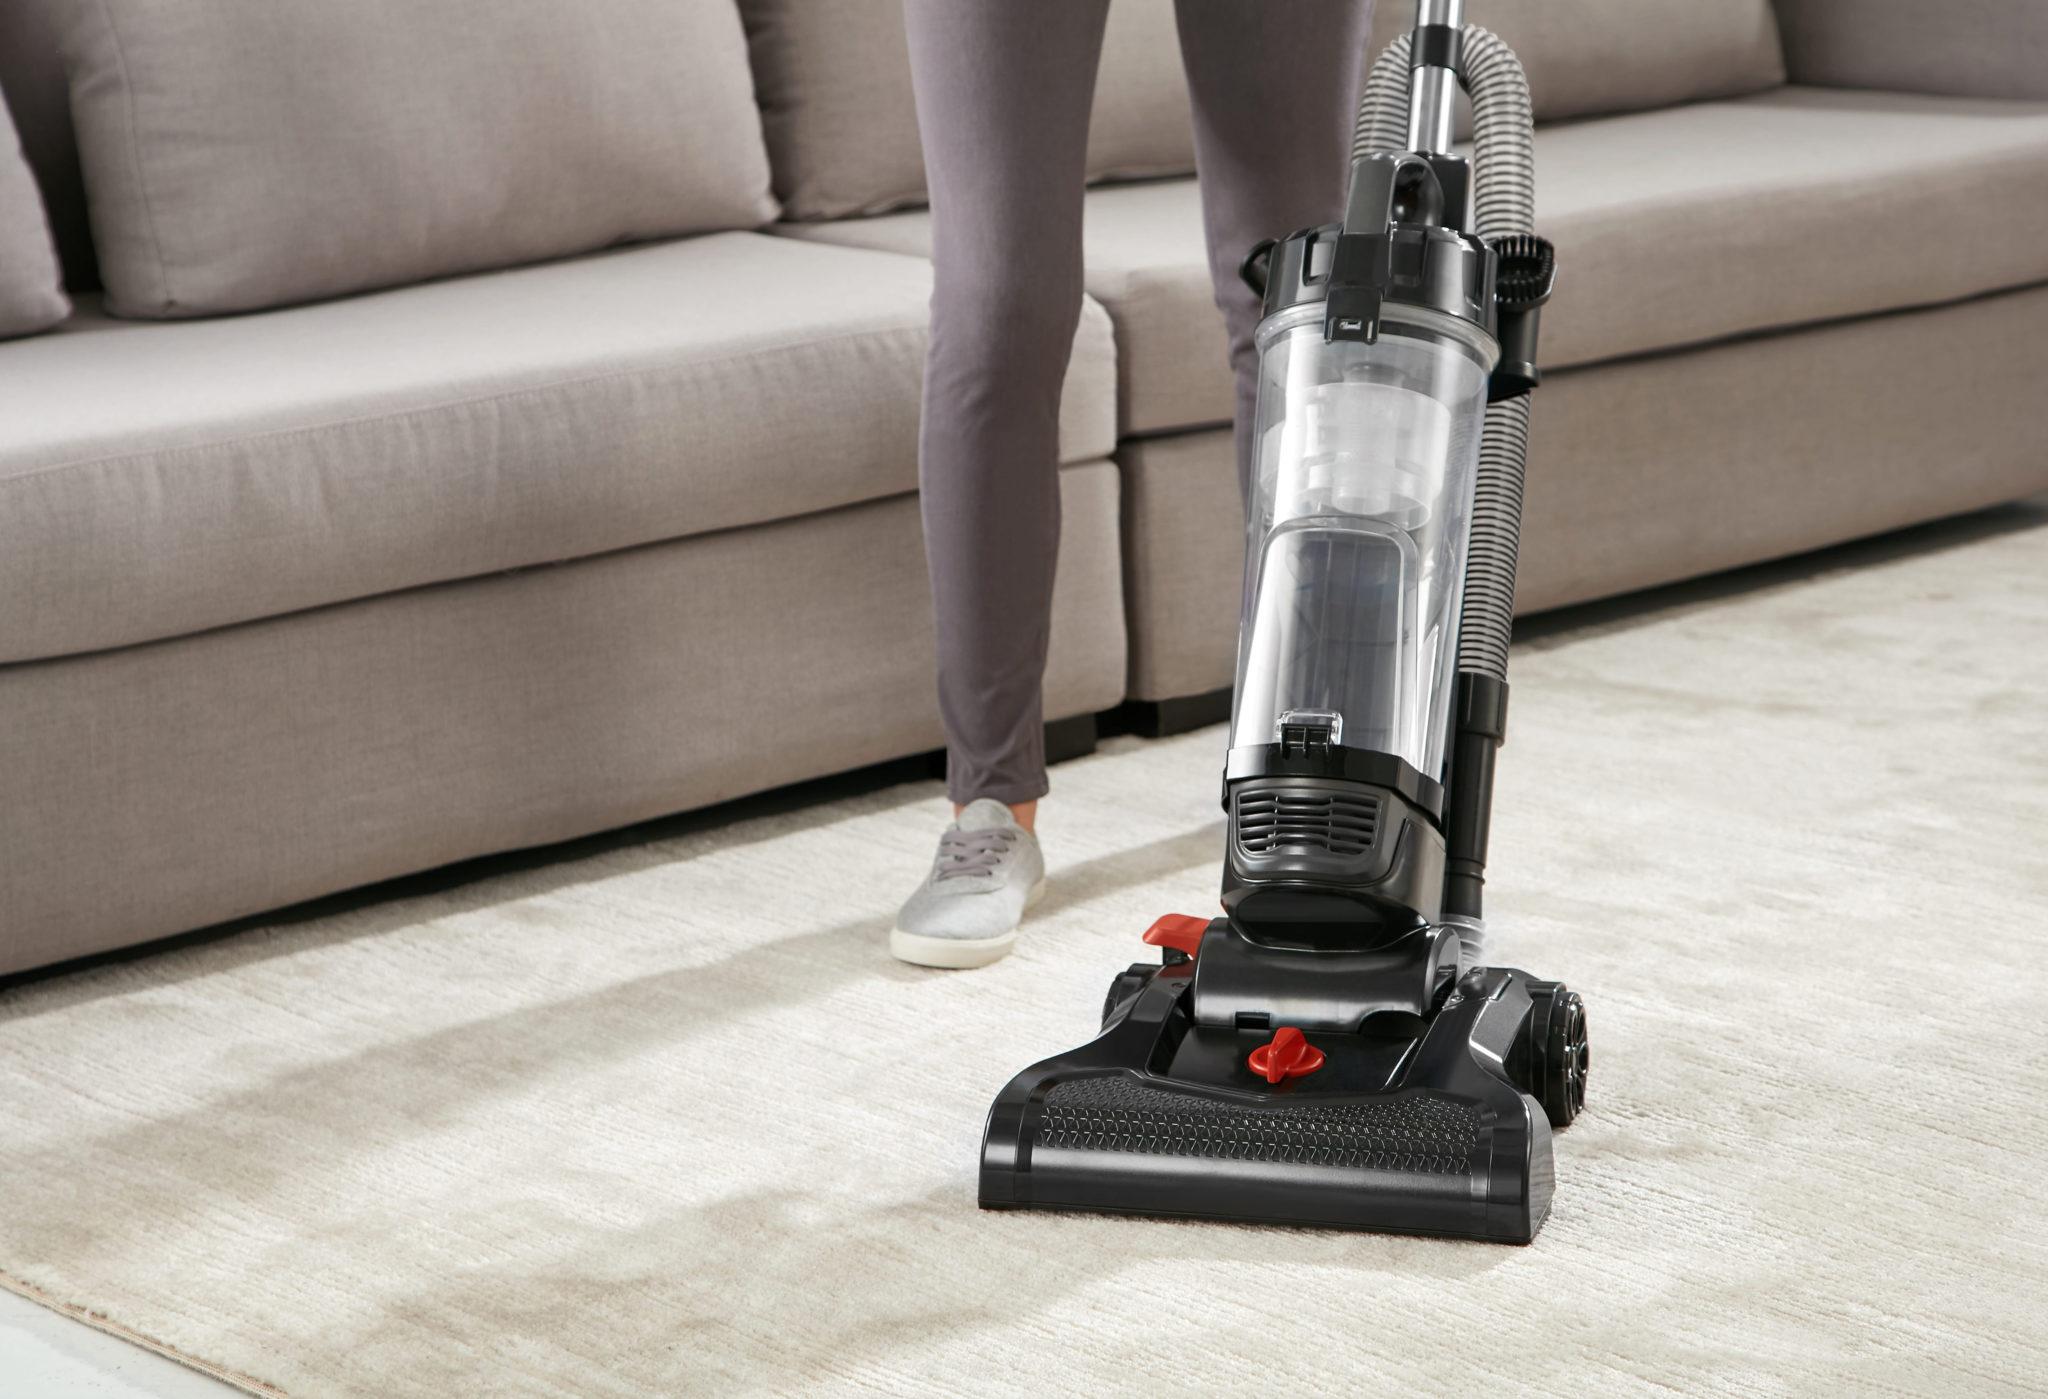 upright-vacuum